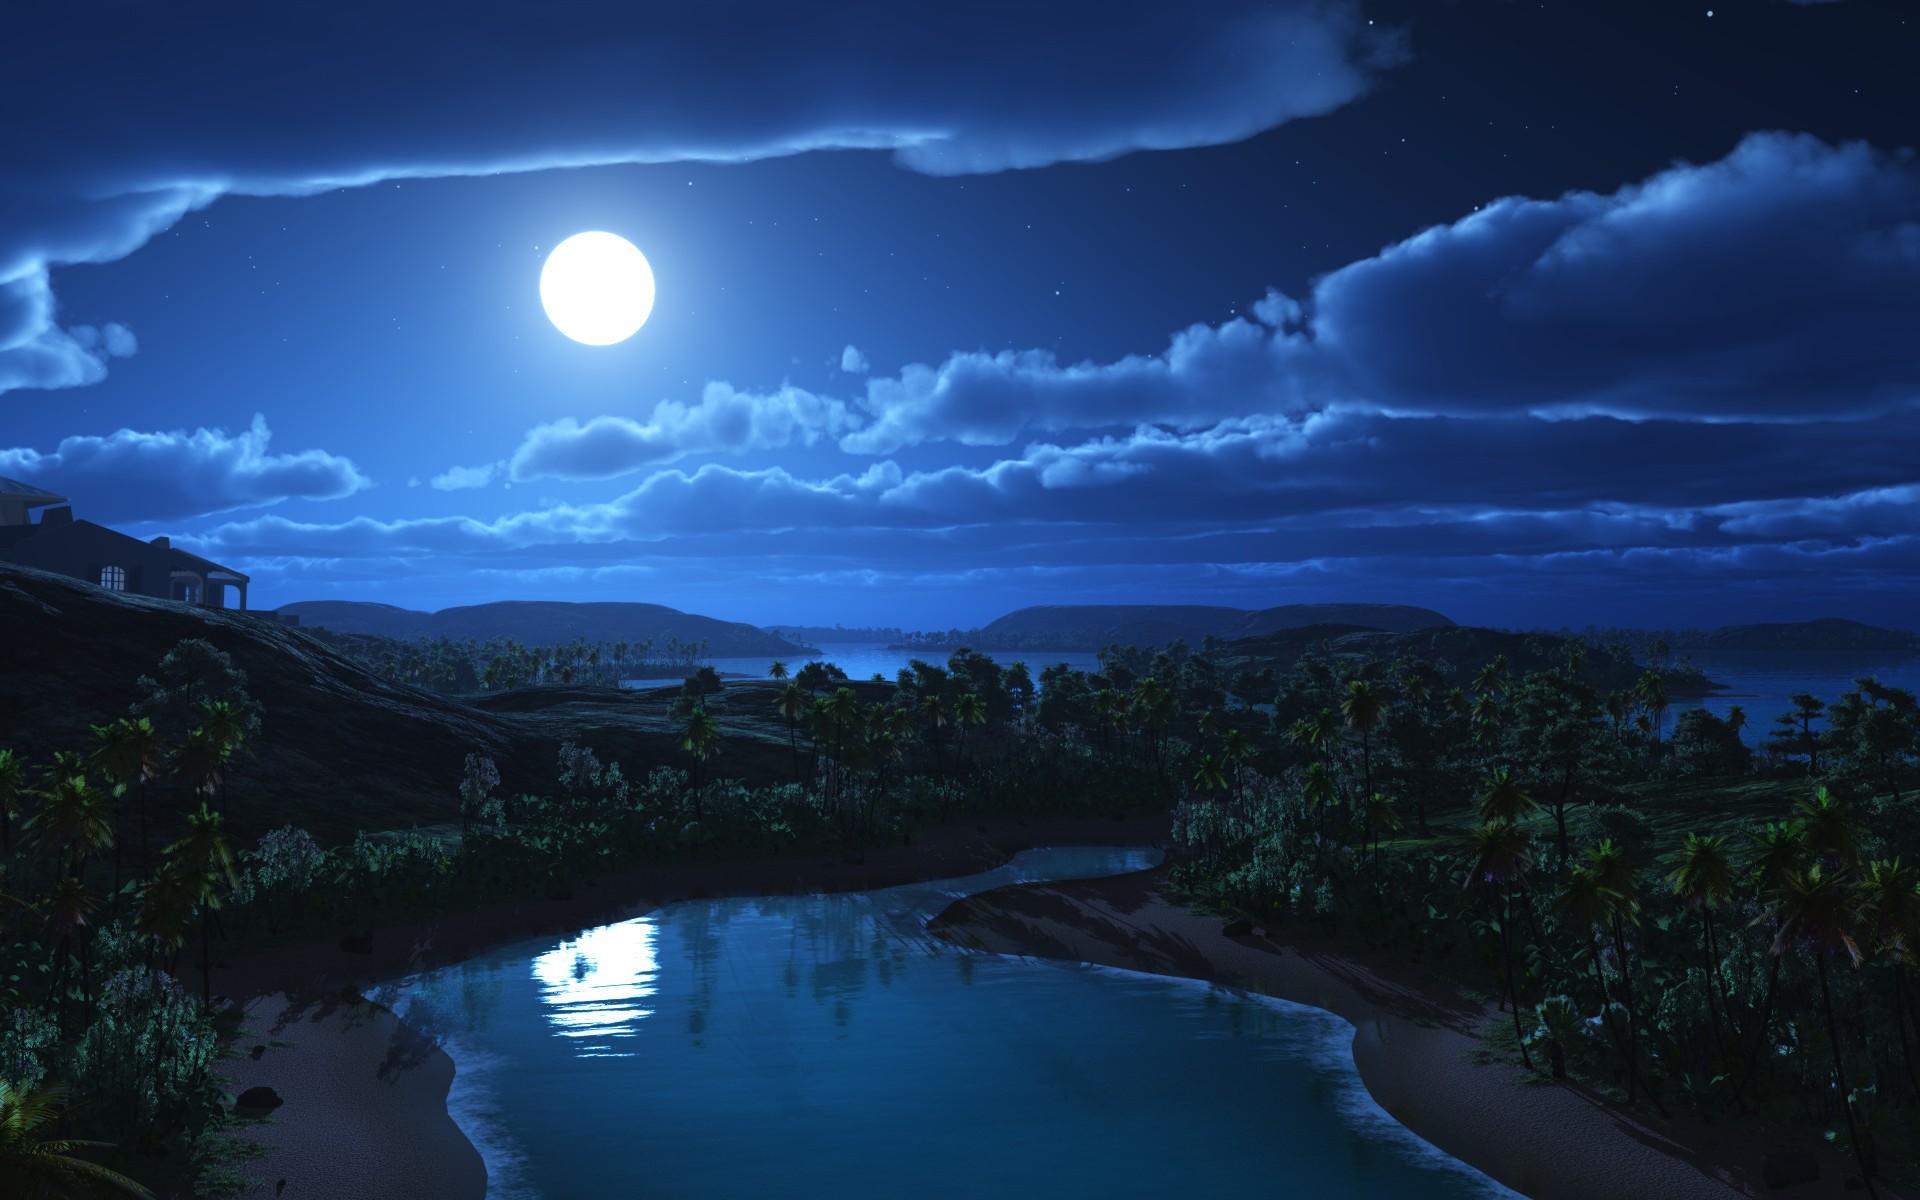 3d nature wallpaper moon - photo #10